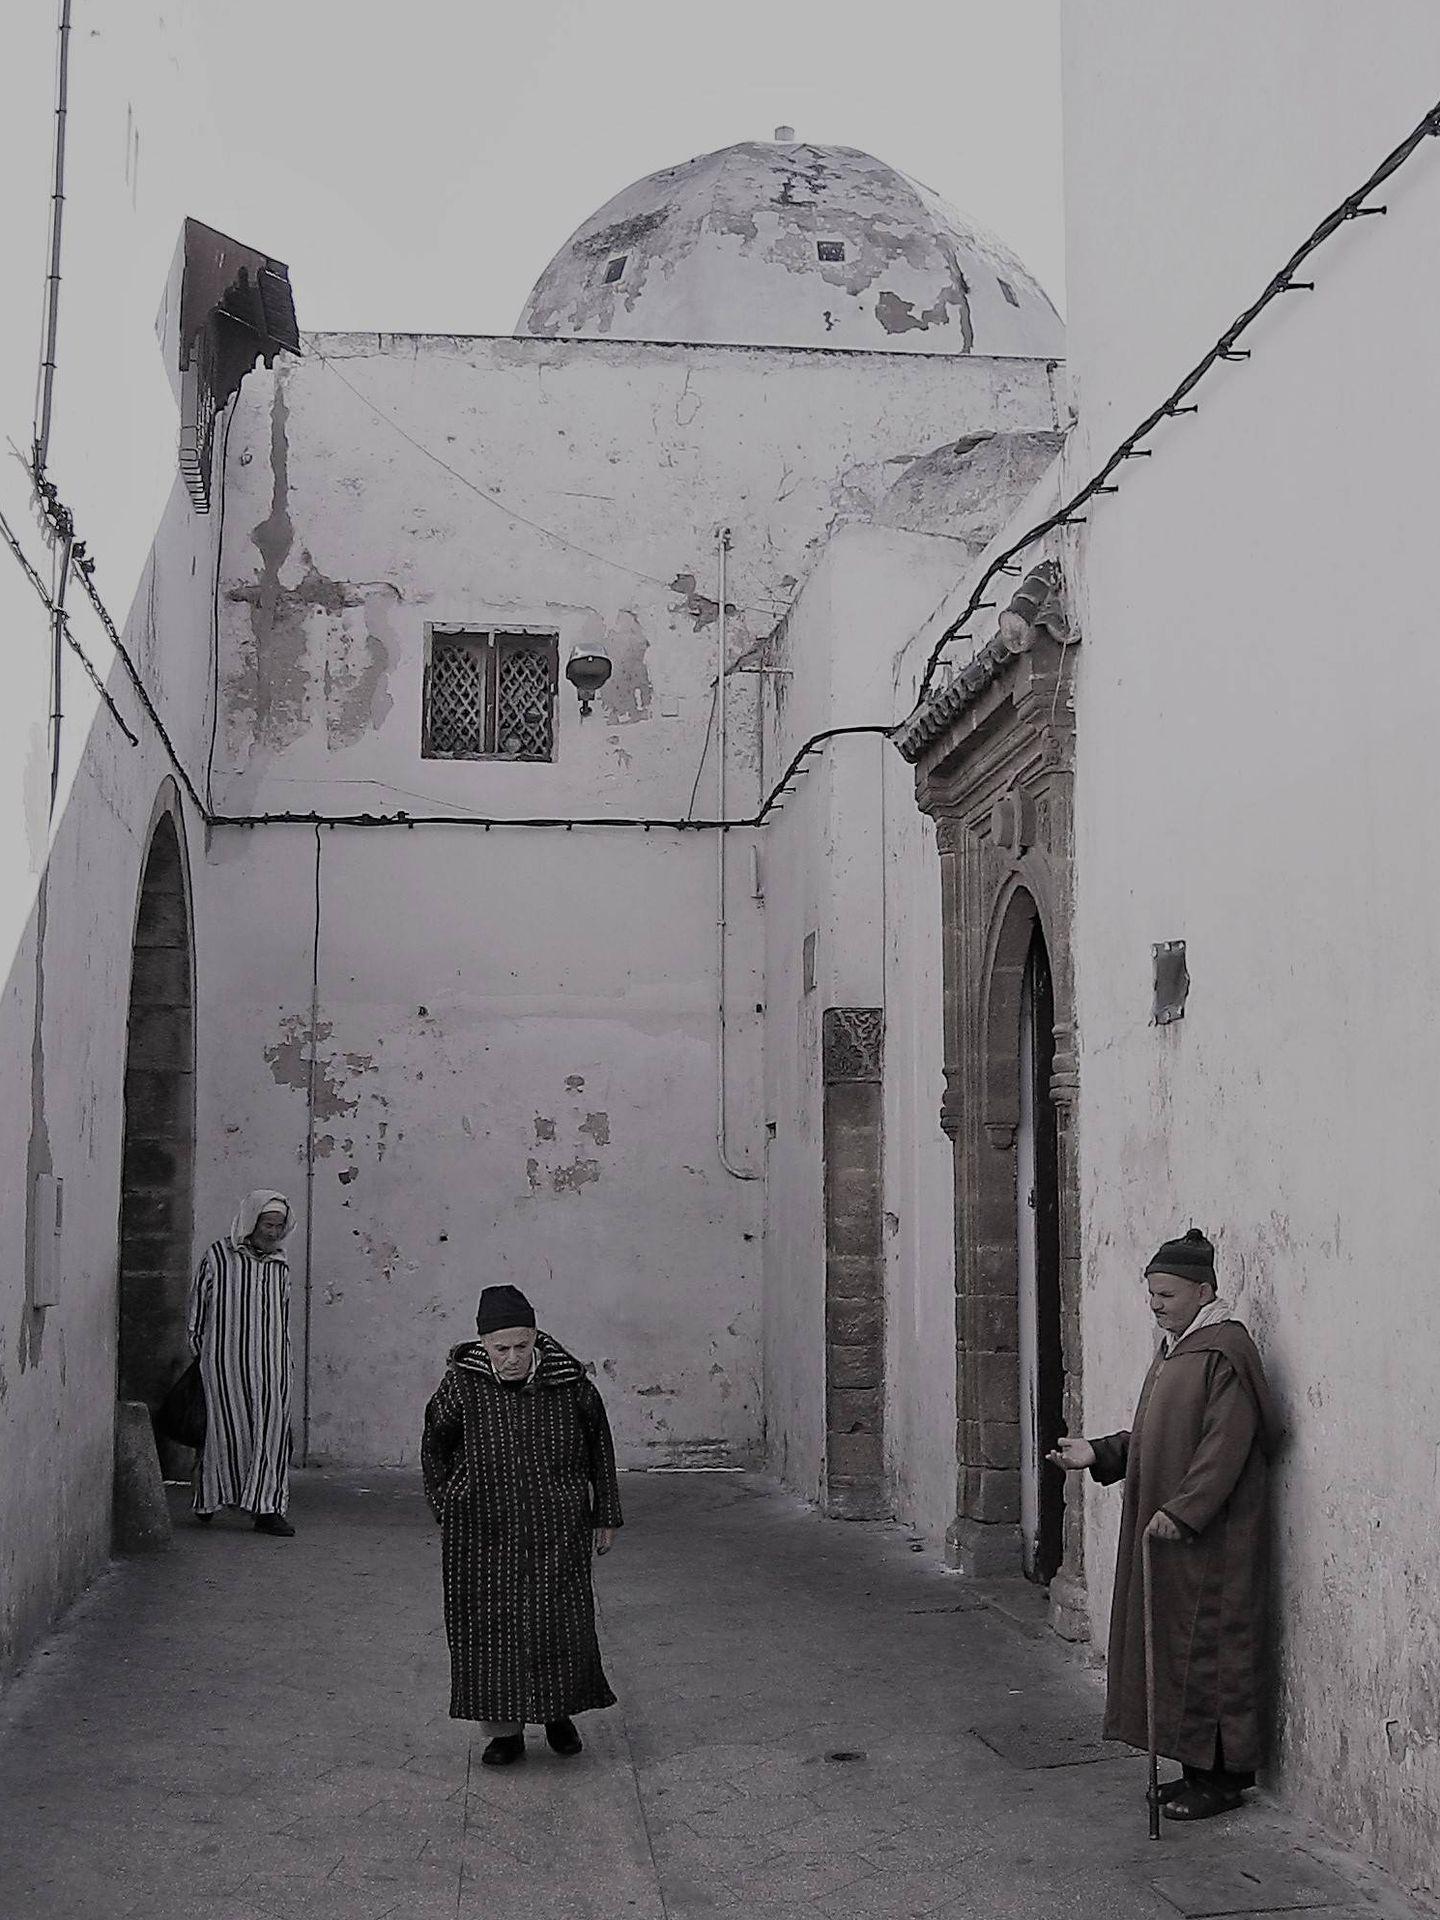 Los franceses, para ganarse a la población local, construyeron un barrio de arquitectura típica árabe en Casablanca, el Habous. (MGR)